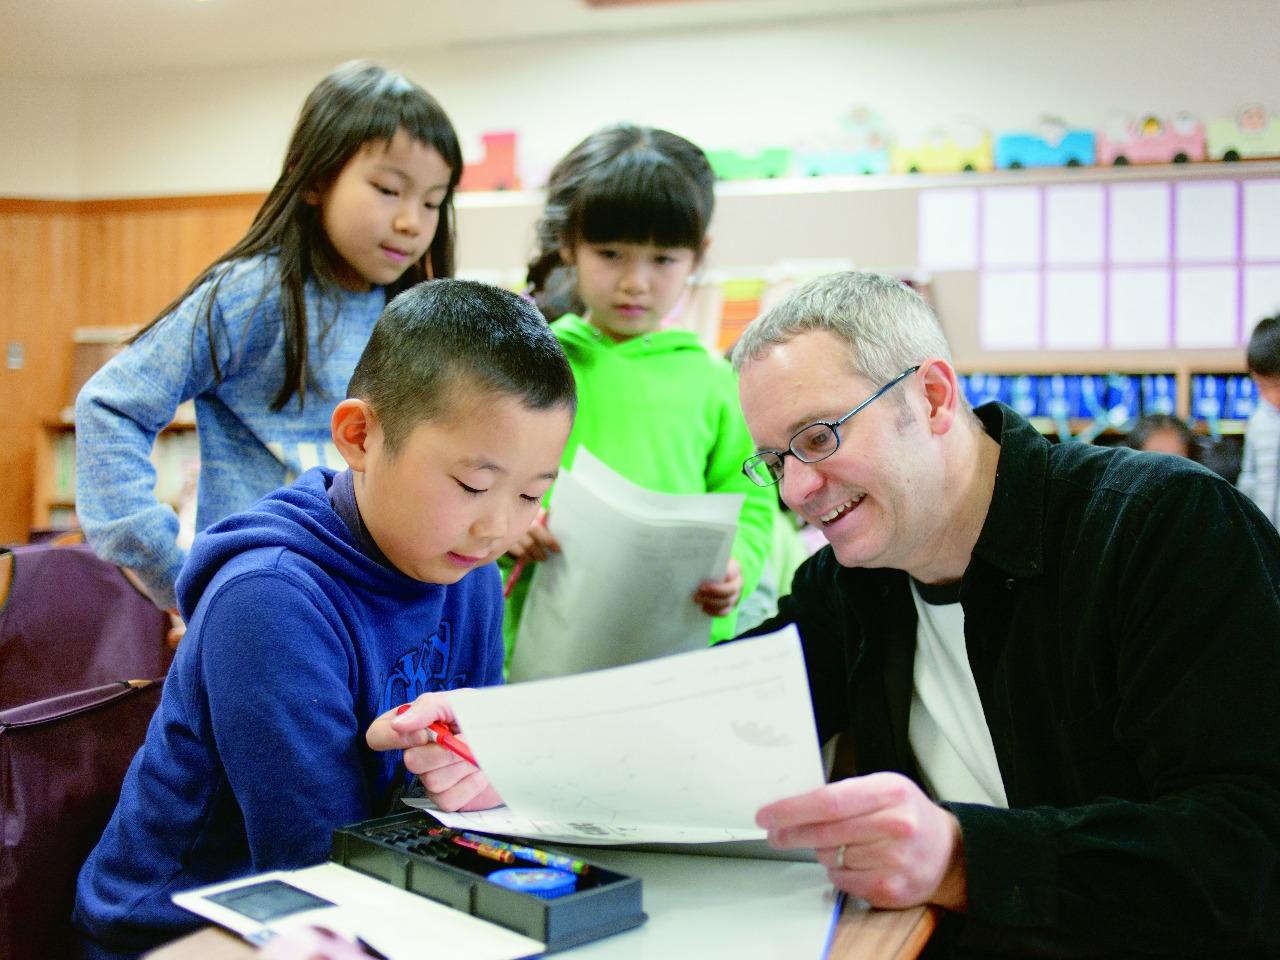 明星学園はグローバル社会で活躍できる資質を育てます